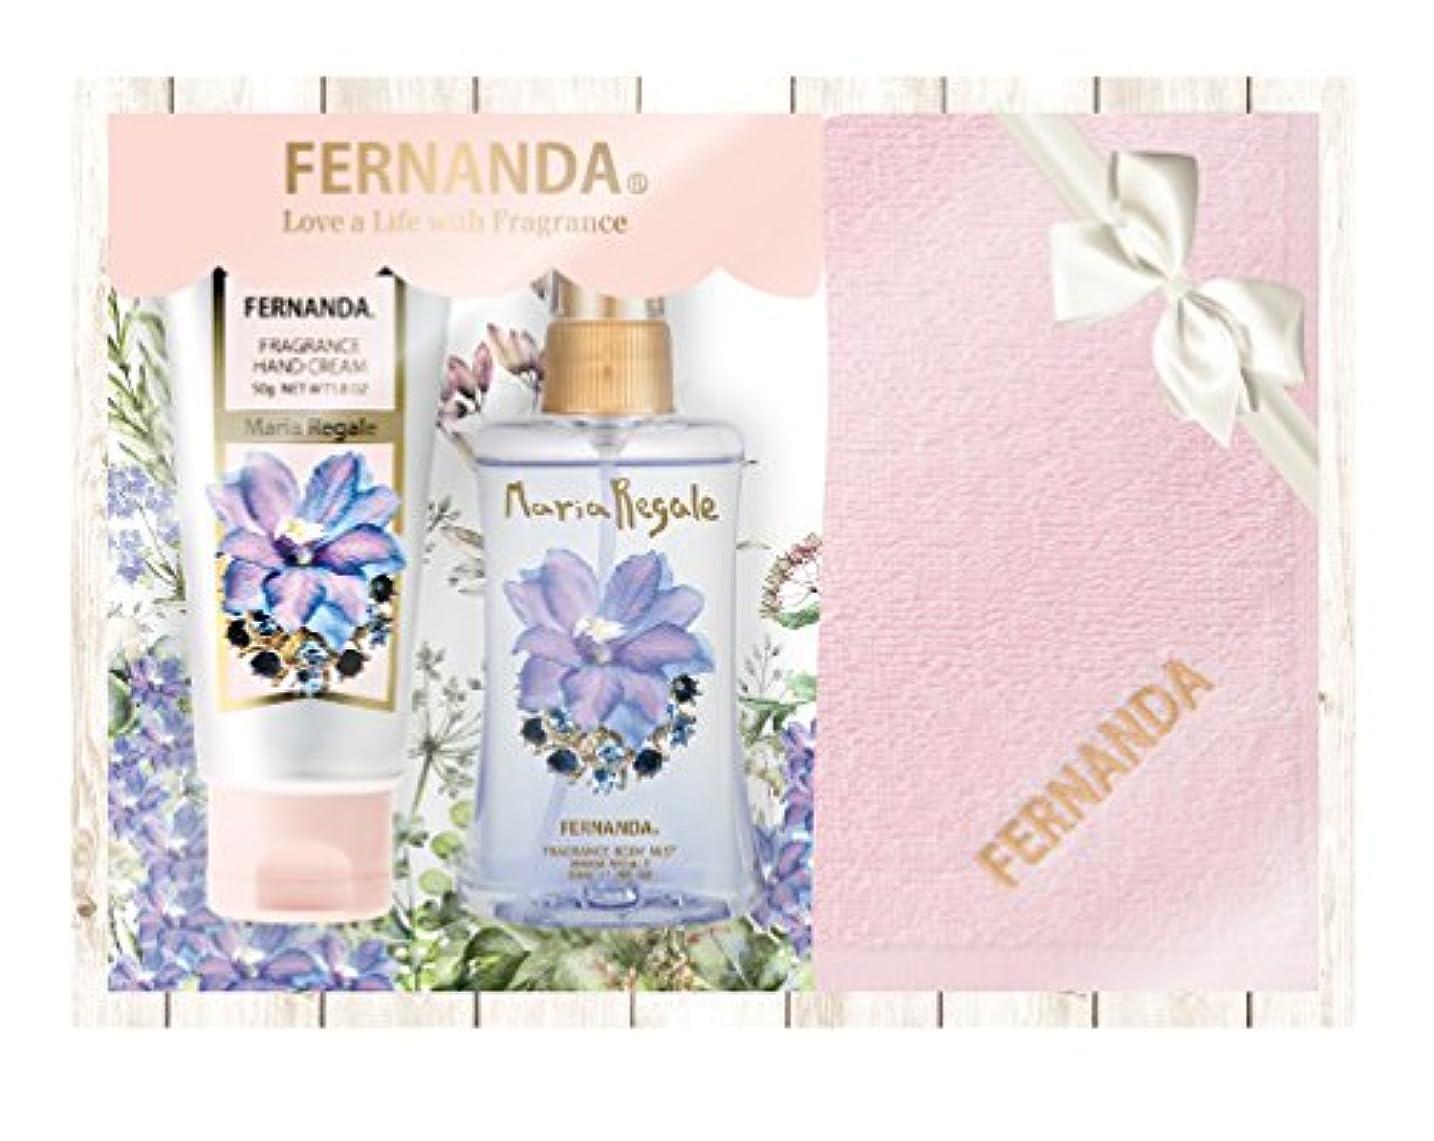 愚かな警察建物FERNANDA(フェルナンダ)Mini Mist & Hand Cream Special Gift Maria Regale (ミニミスト&ハンドクリームスペシャルギフト マリアリゲル)